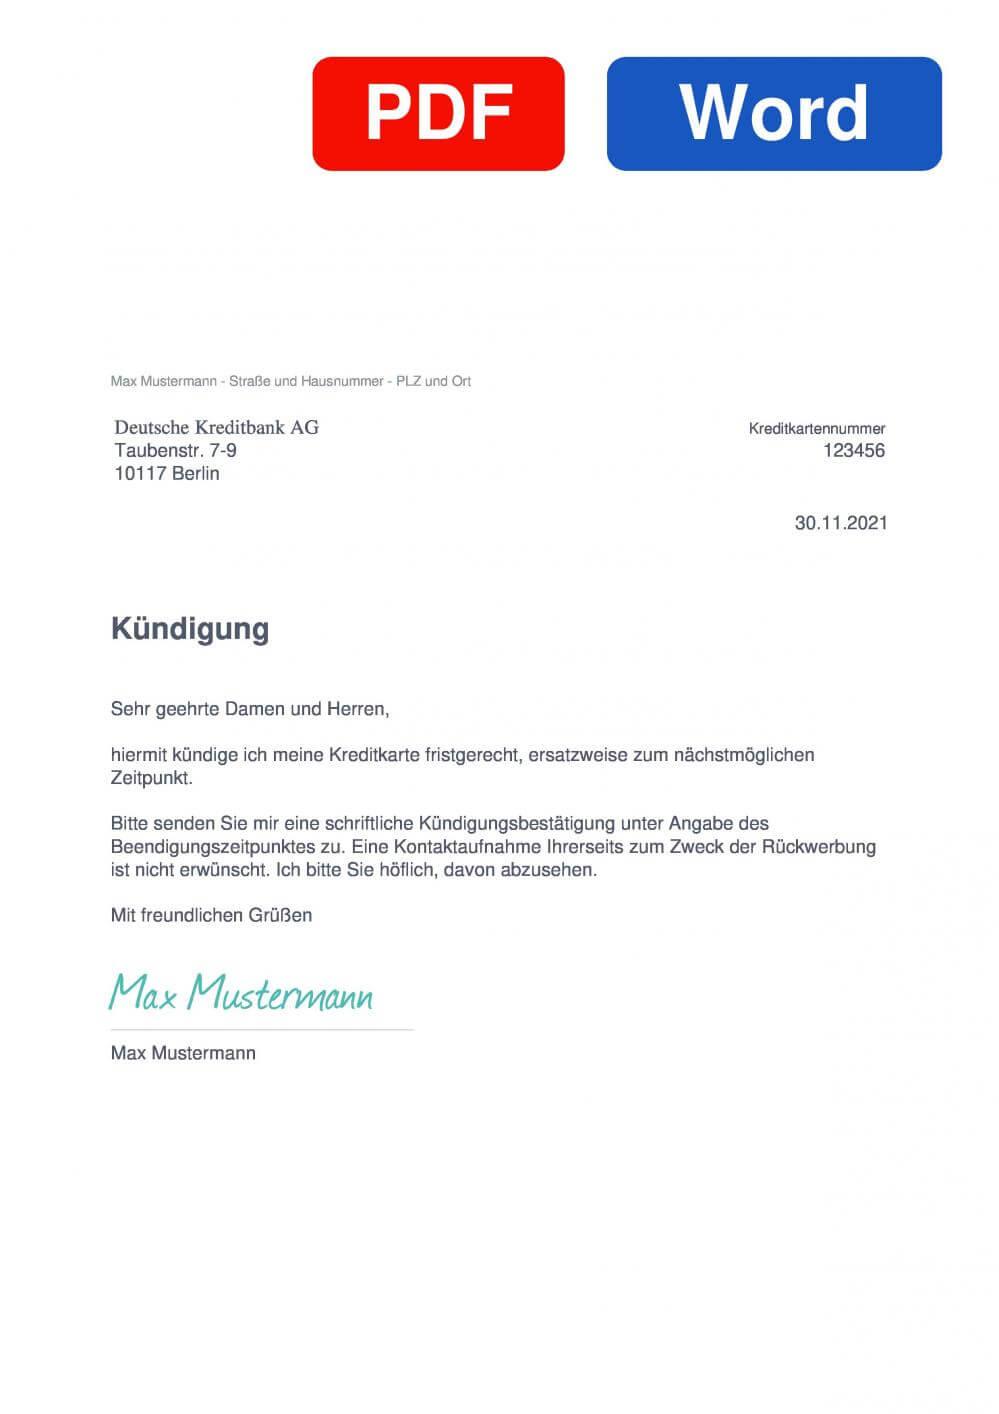 Lufthansa Kreditkarte Muster Vorlage für Kündigungsschreiben